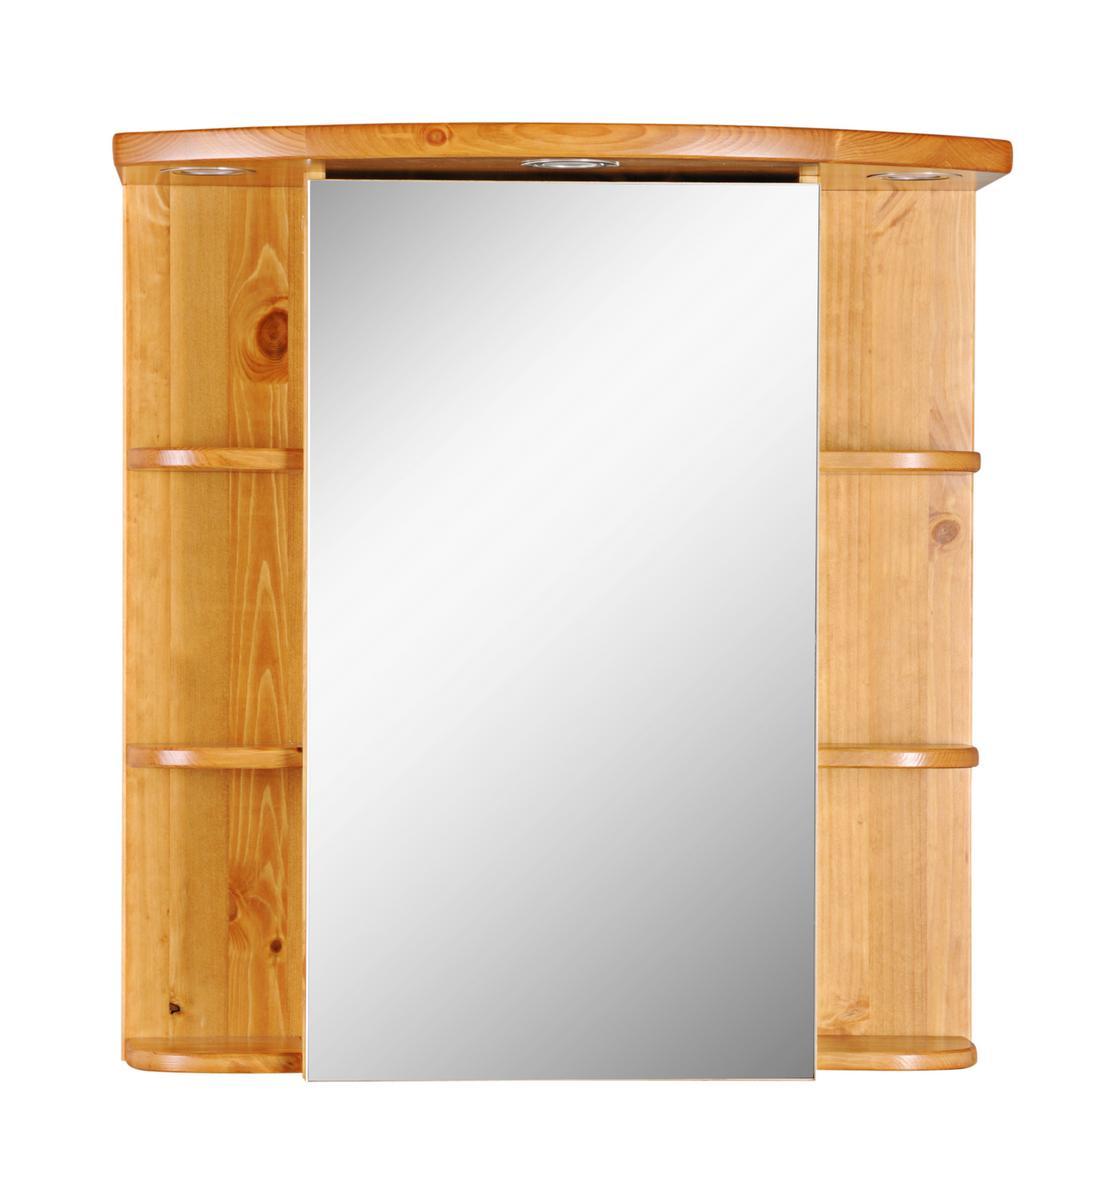 Holz badezimmer spiegelschrank ~ Massivholz Spiegelschrank Badspiegel ...